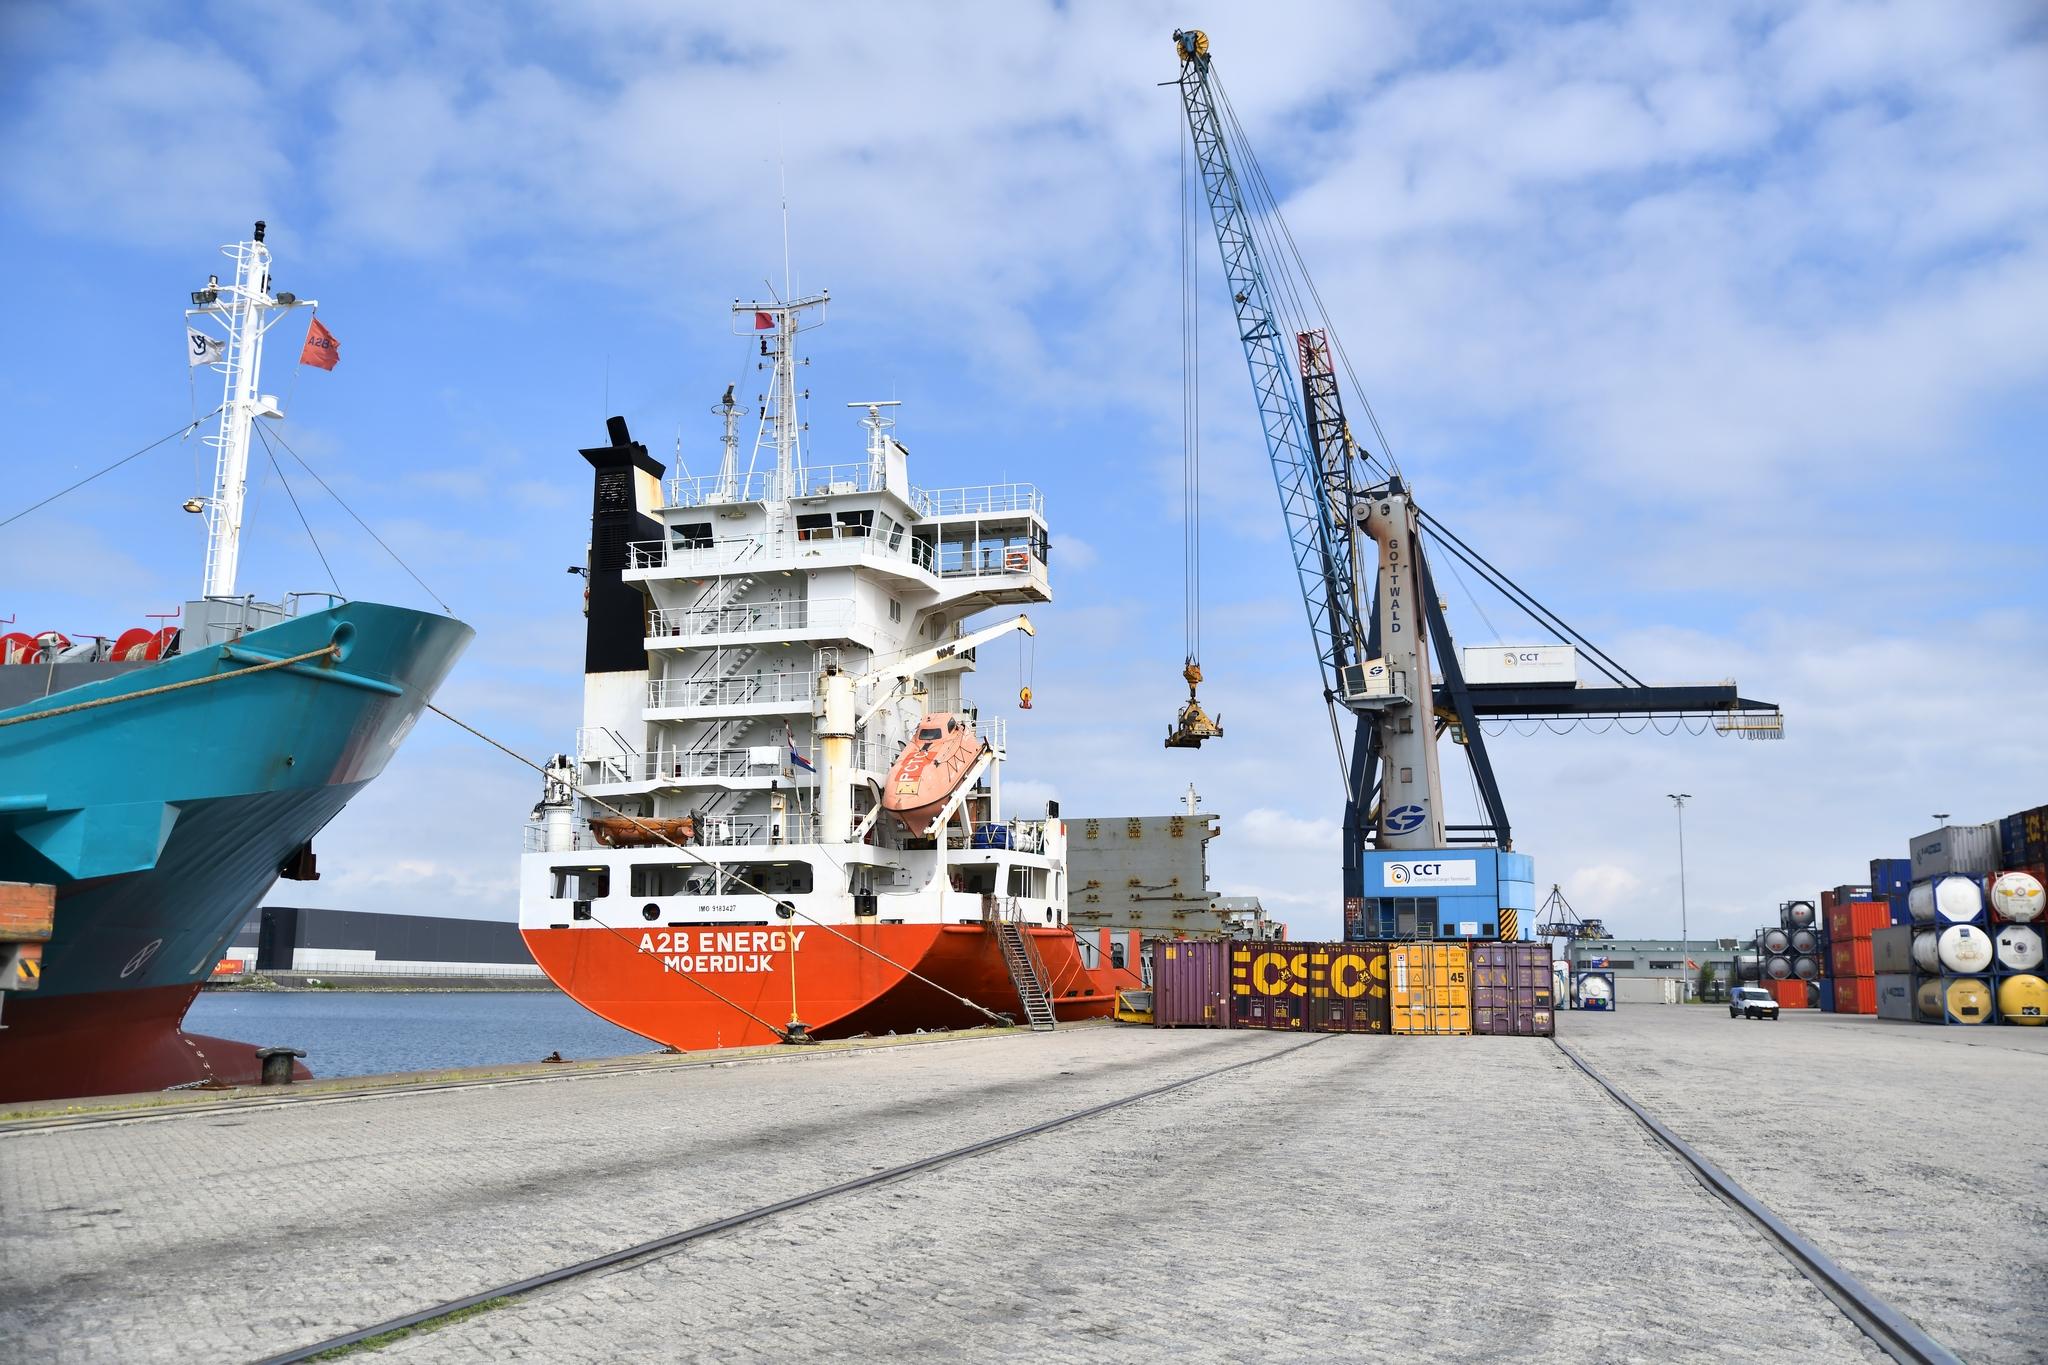 Zeeschepen aan de kade bij de CCT-terminal in Moerdijk. (Foto Port of Moerdijk)